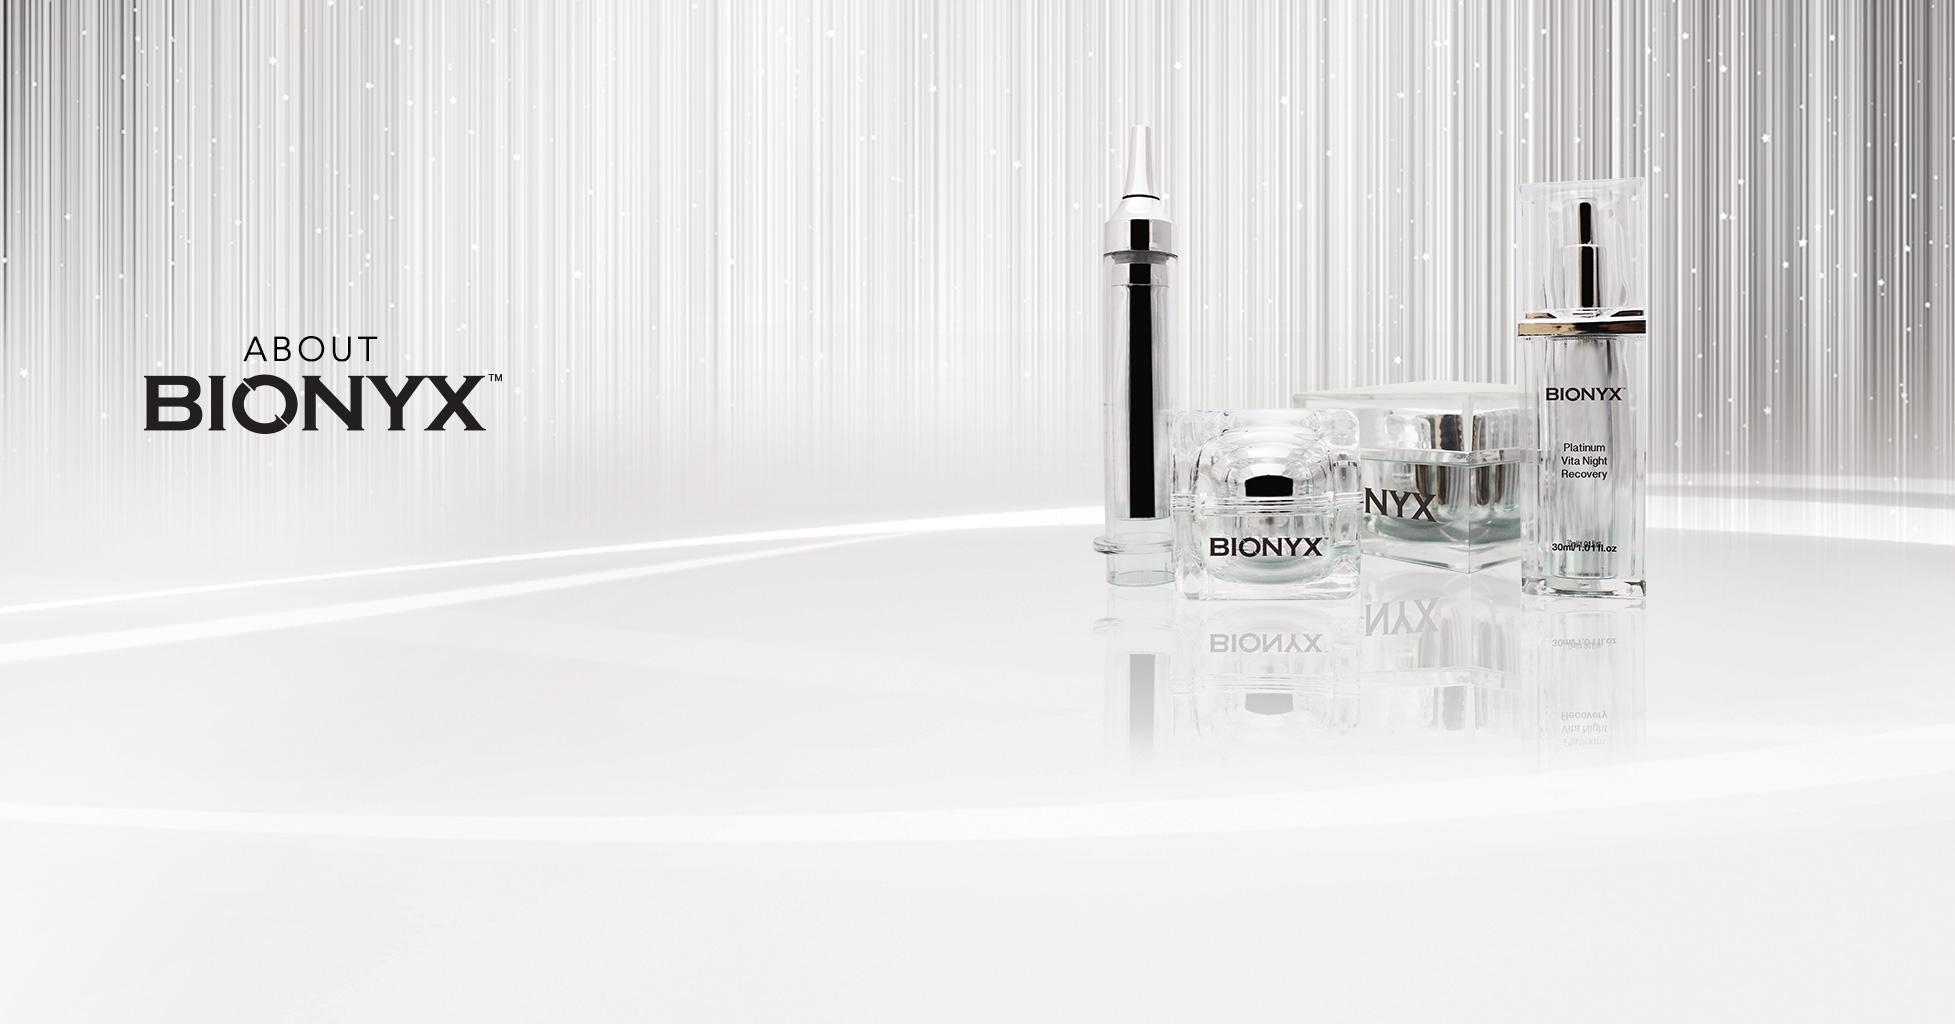 About Bionyx